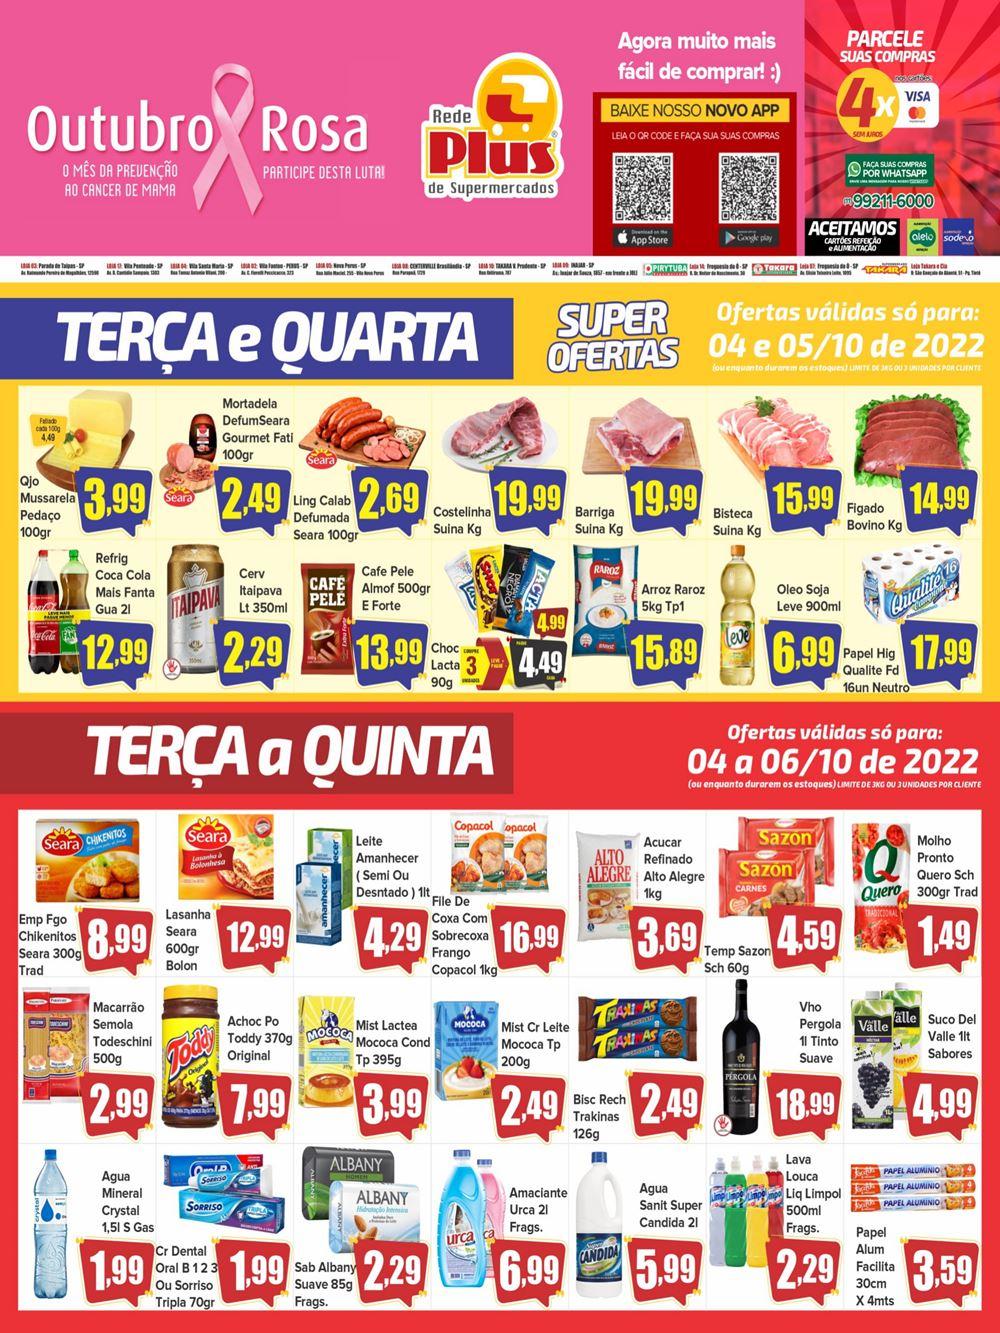 redeplustakara-ofertas-descontos-hoje1-65 São Paulo